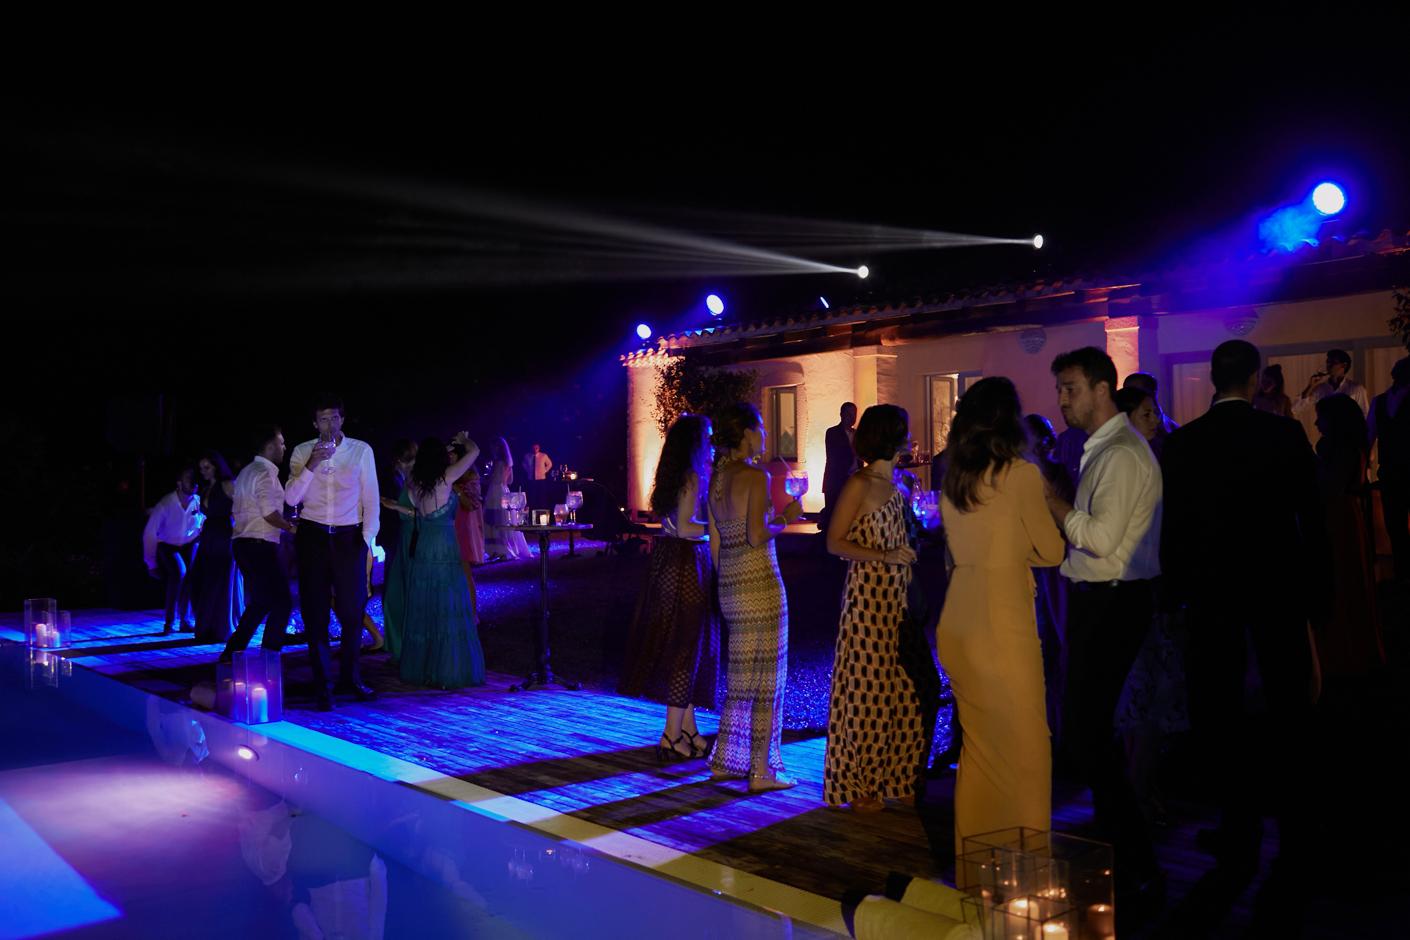 festa in piscina  - San Pantaleo Costa Smeralda